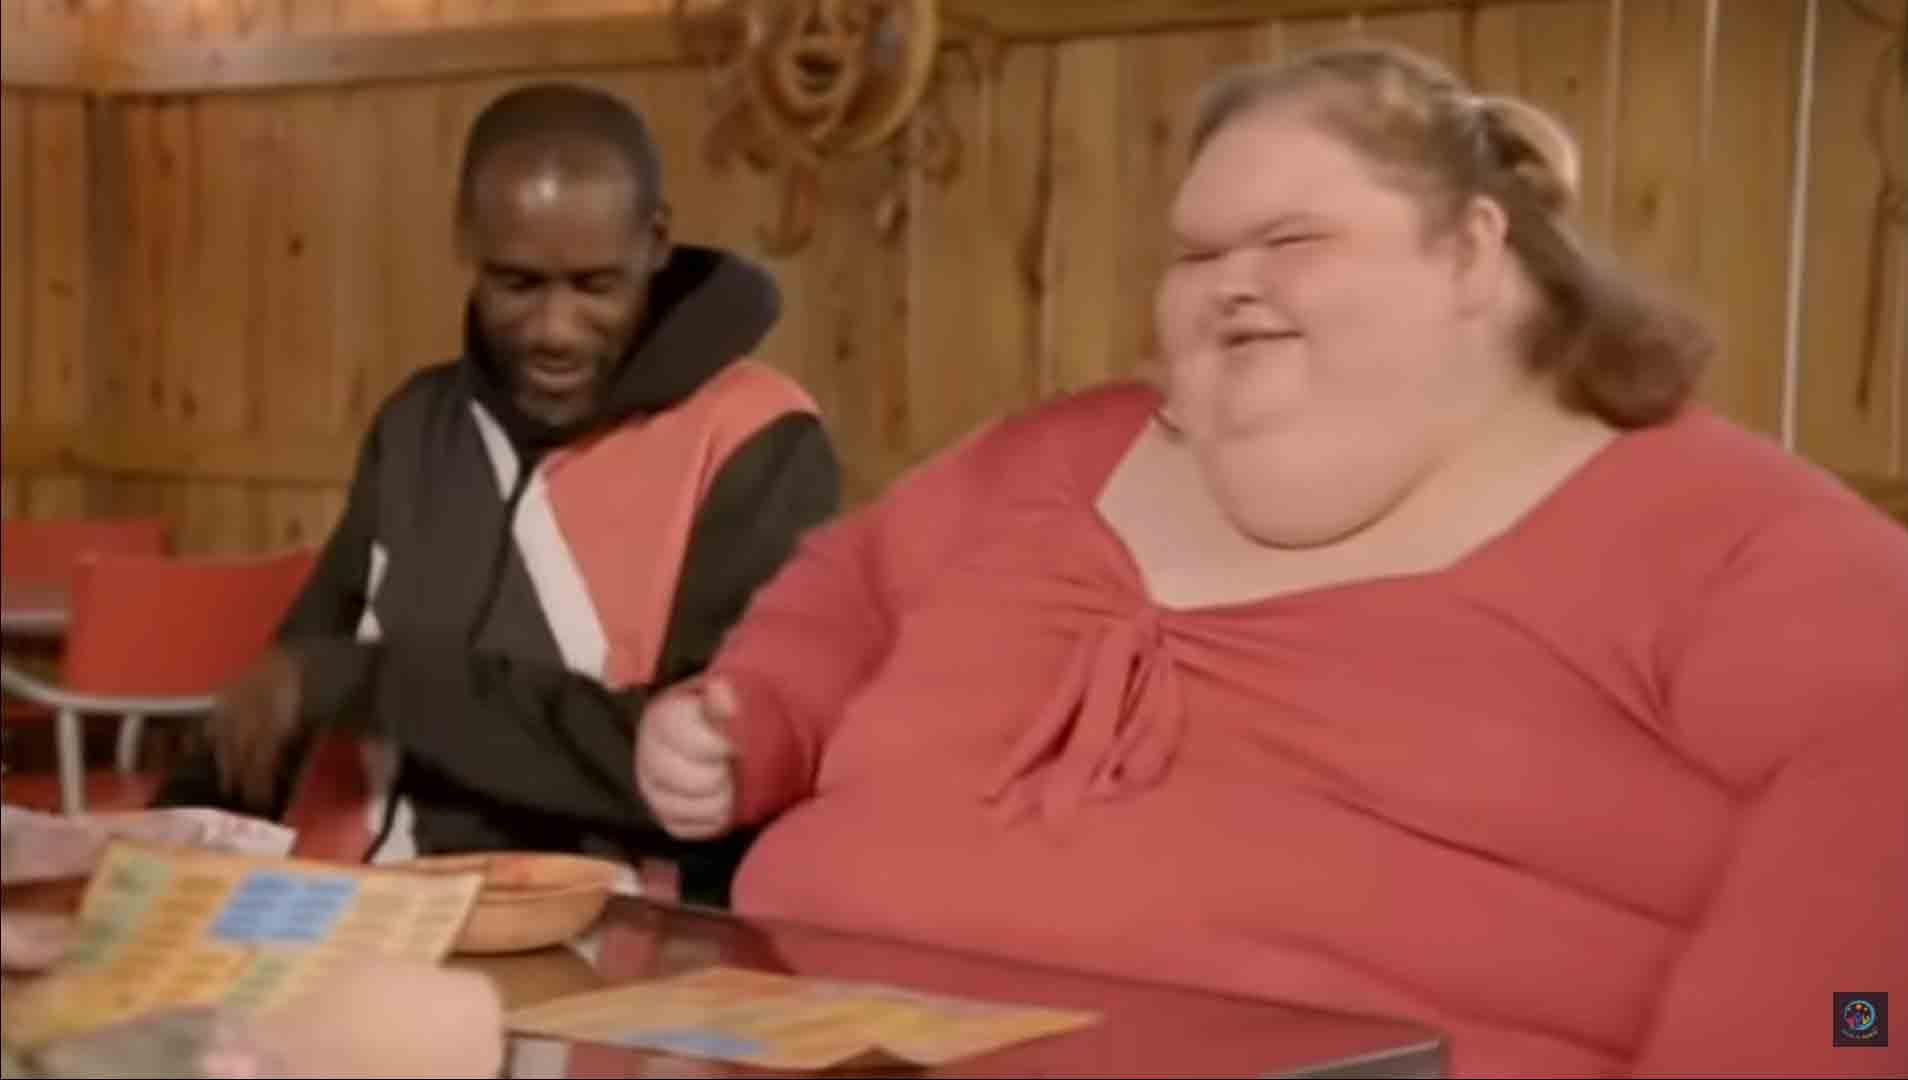 Estrela de reality show sobre perda de peso, revela ser pansexual para o namorado. Foto: reprodução Youtube